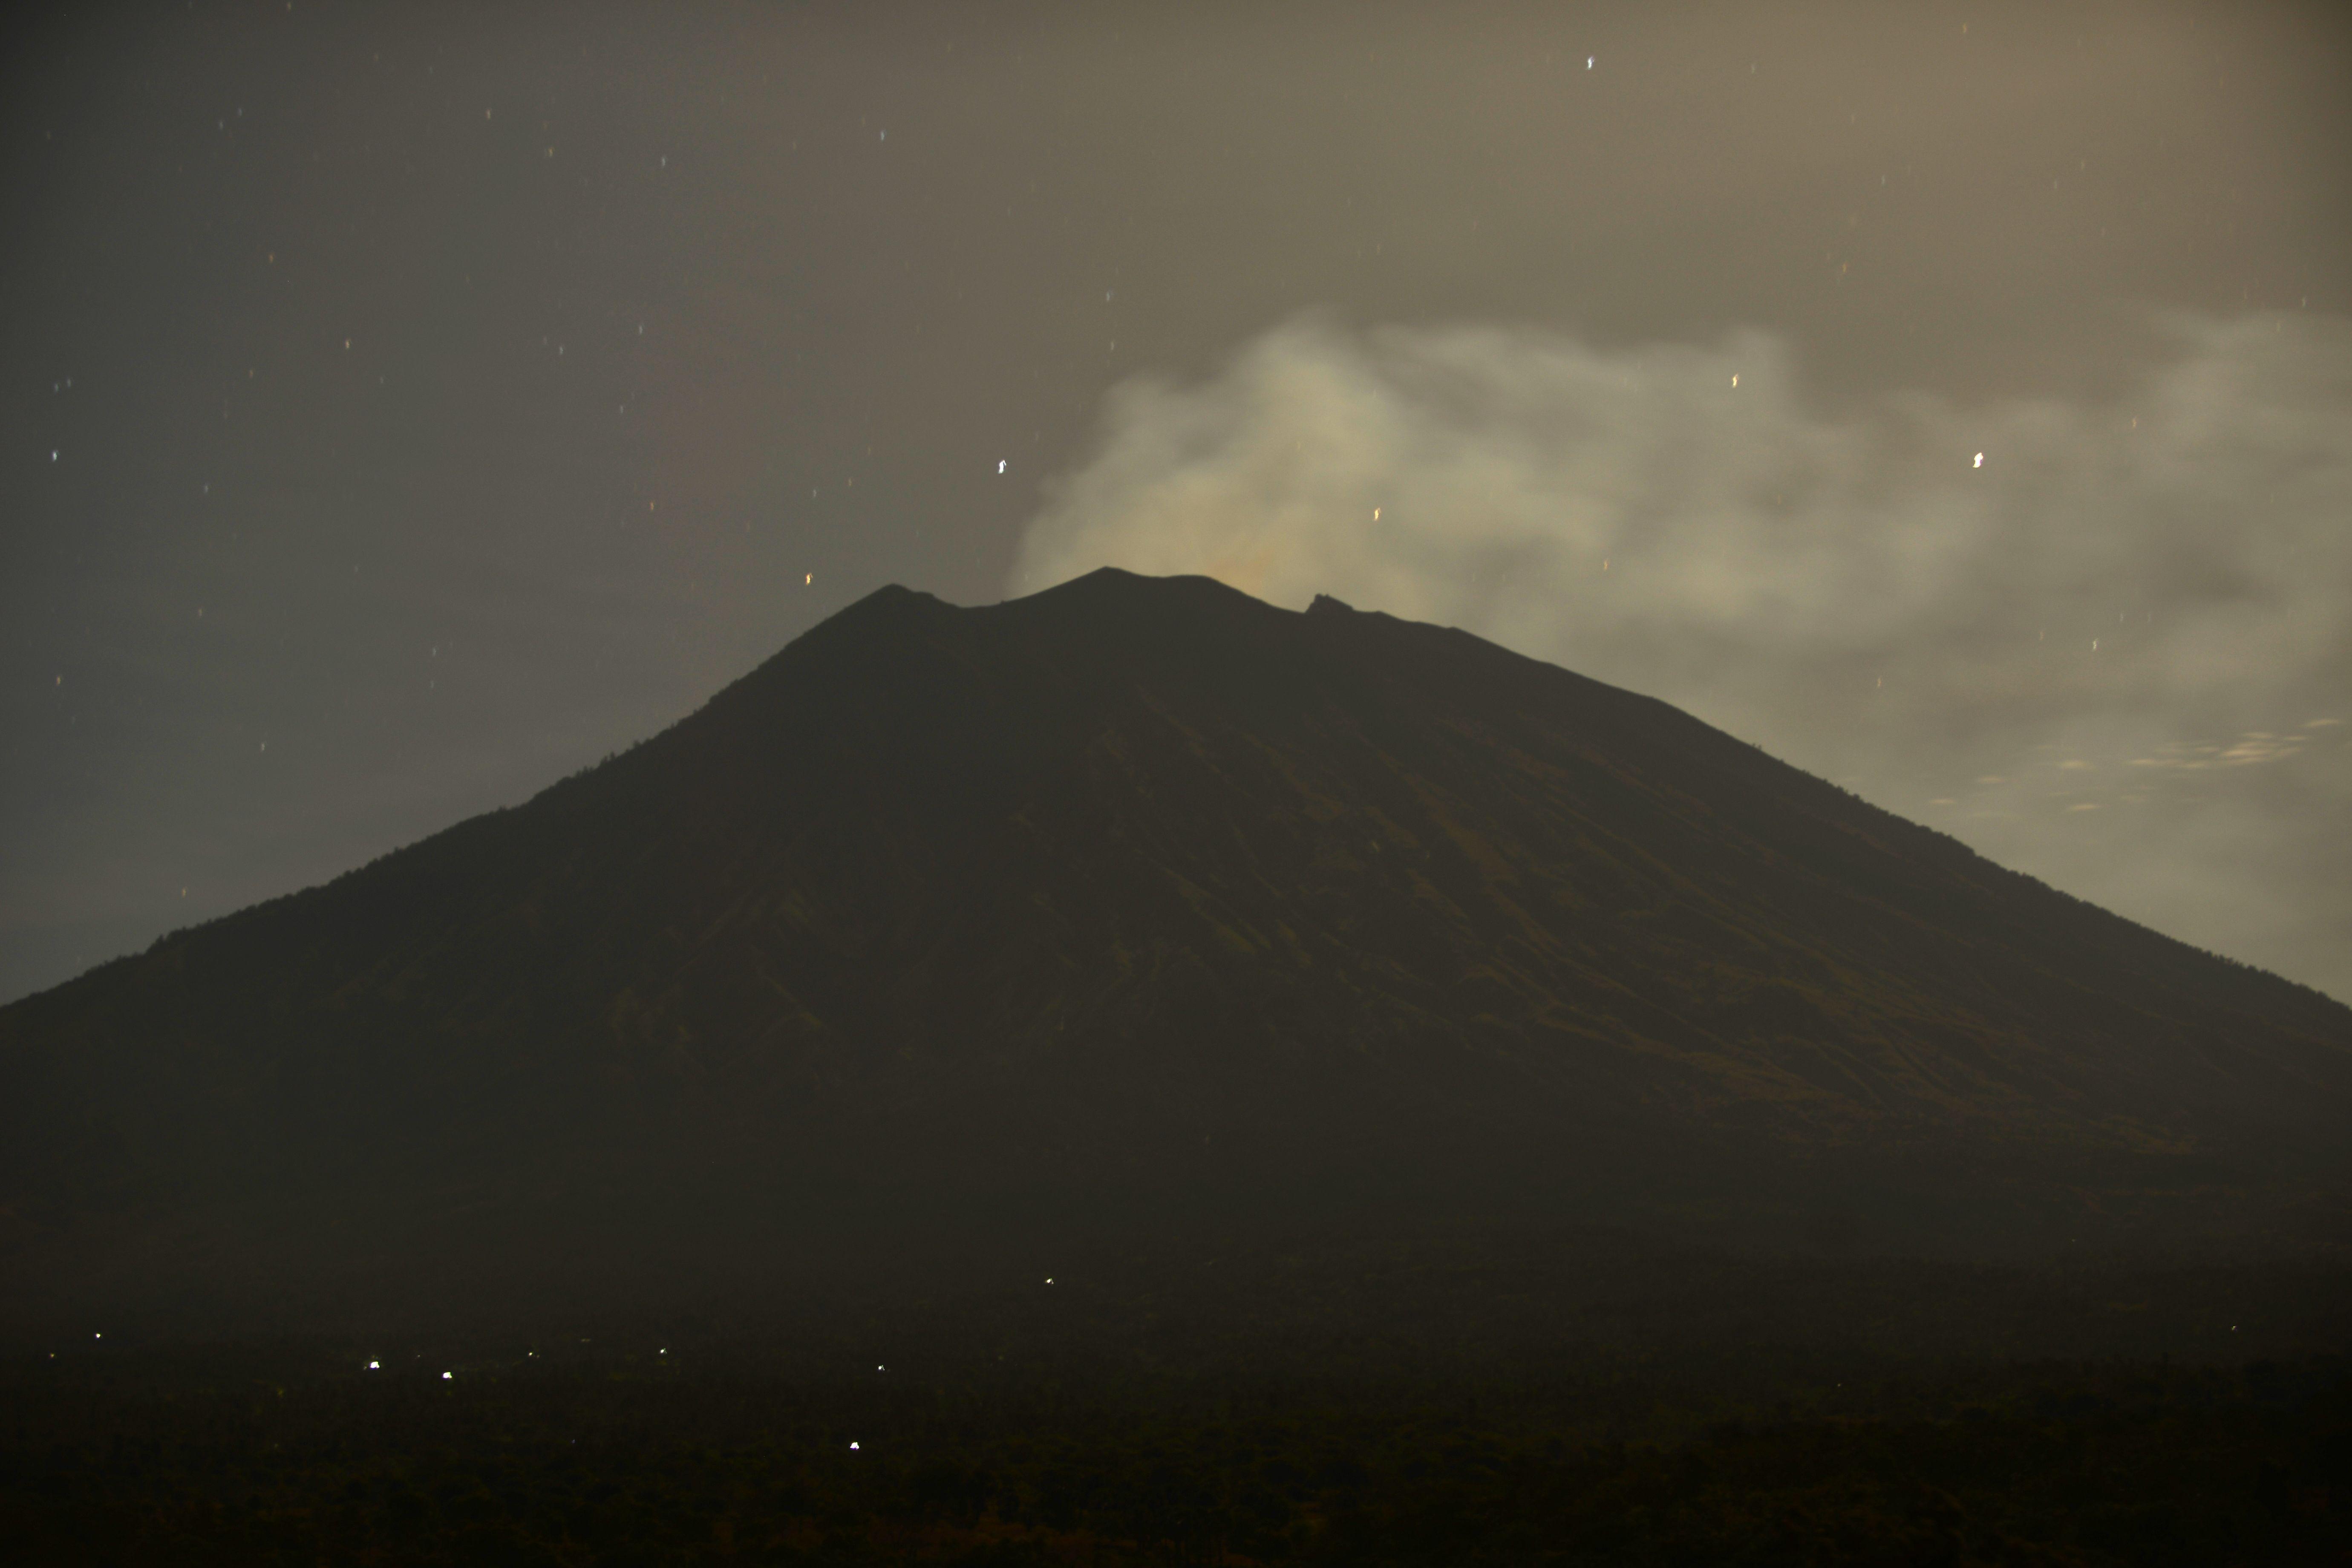 هدوء بركان جبل أجونج بعد ثورانه بالأمس